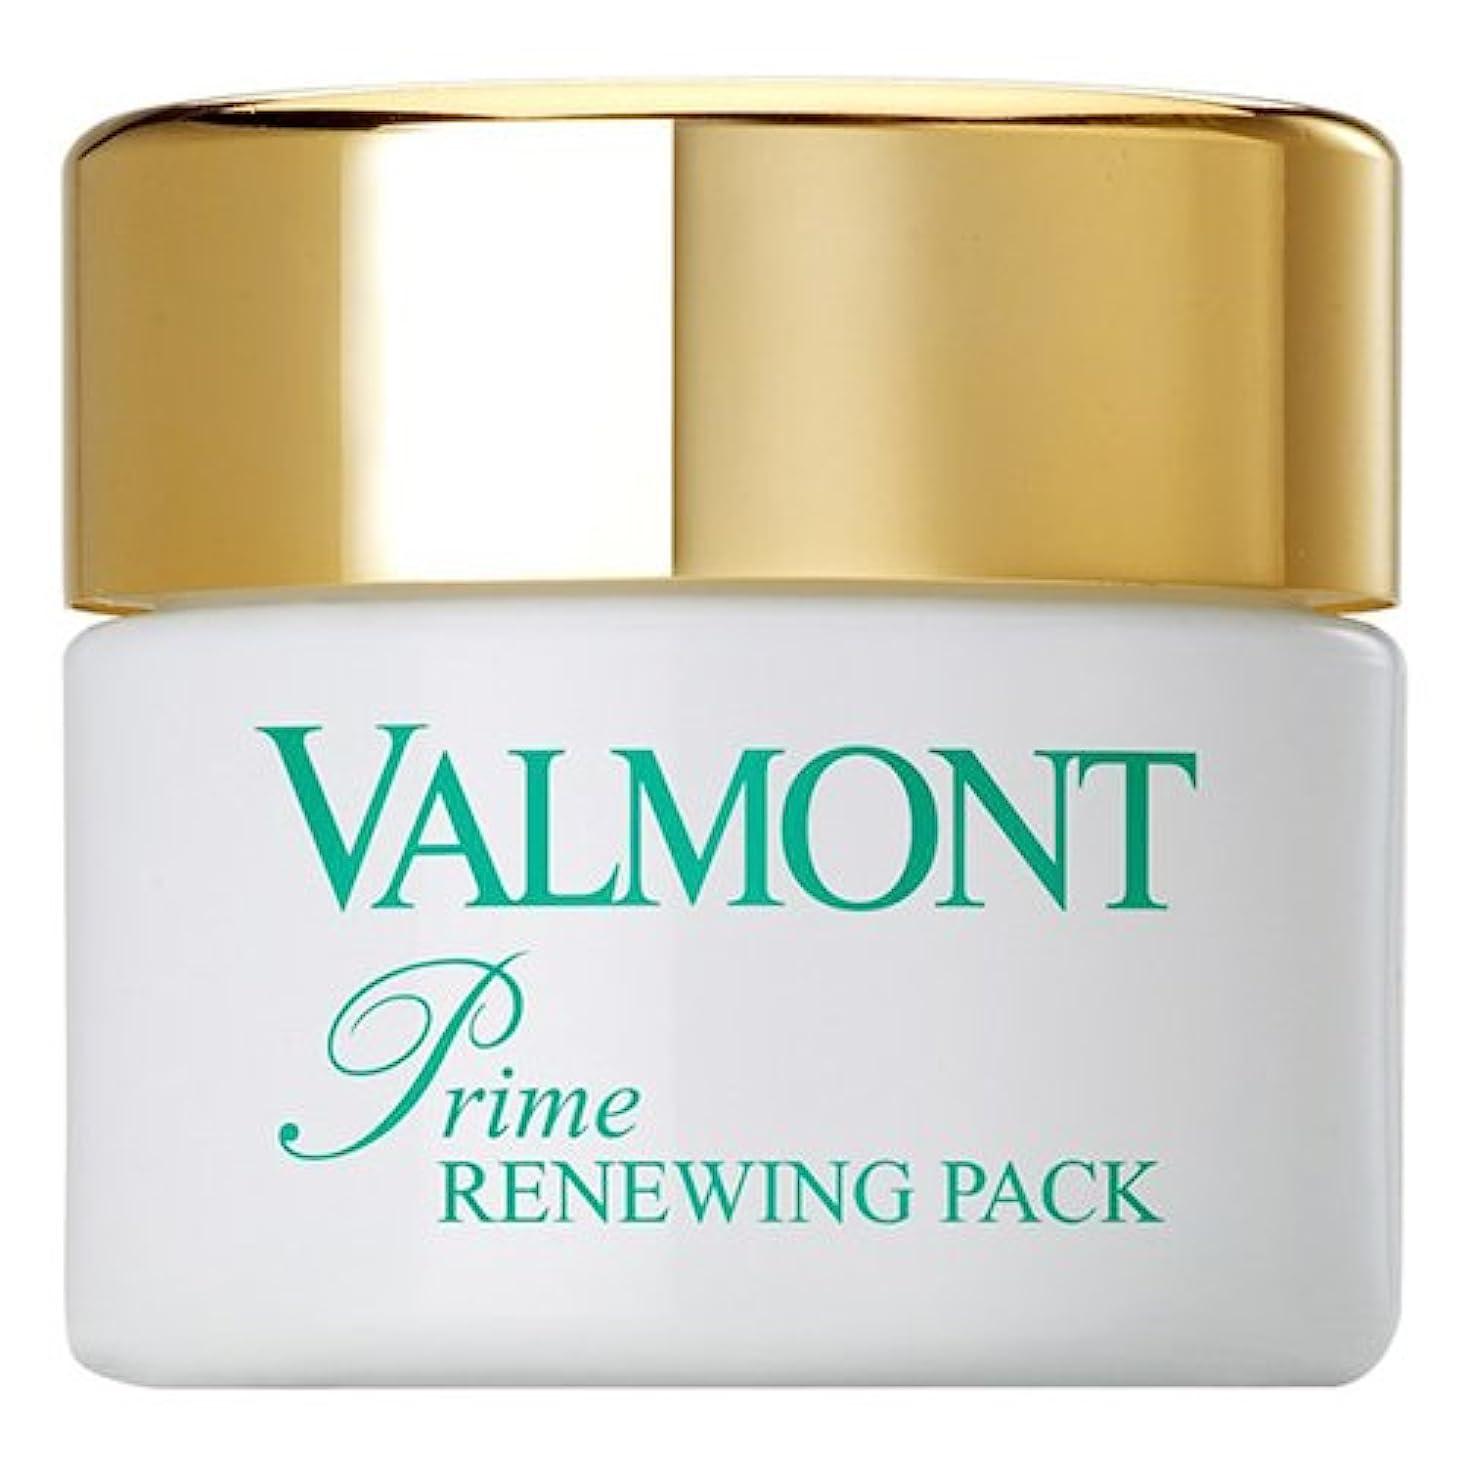 失態凝視めったにValmont Prime Renewing Pack, 7.0 Ounce エイジングケアマスク クリーム